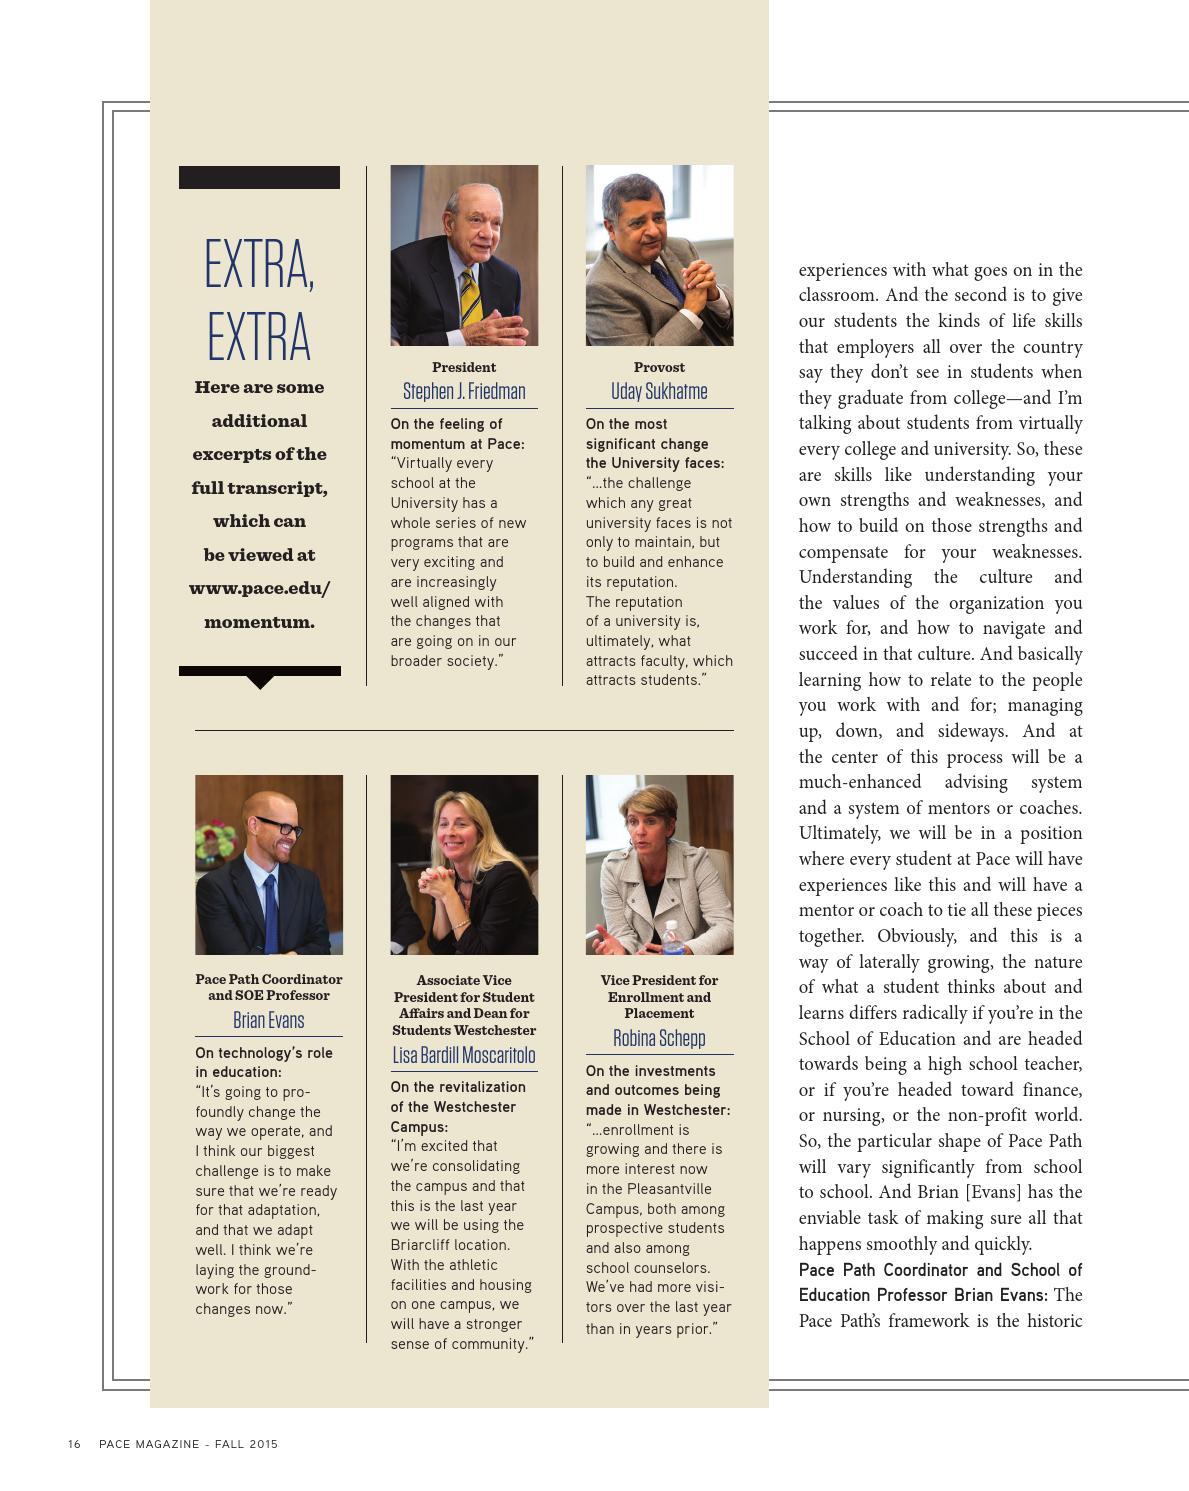 Pace Magazine Fall 2015 by URMarketing - issuu